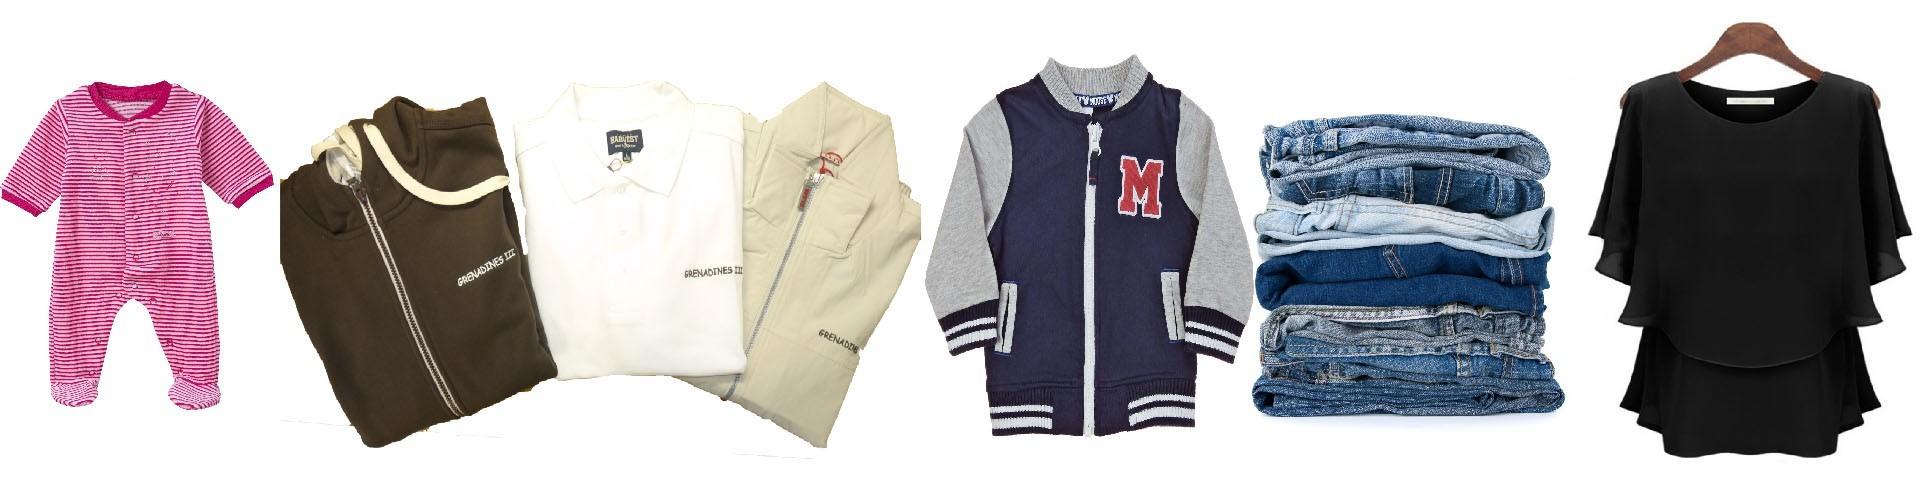 Vêtements adultes/Enfants/Bébés